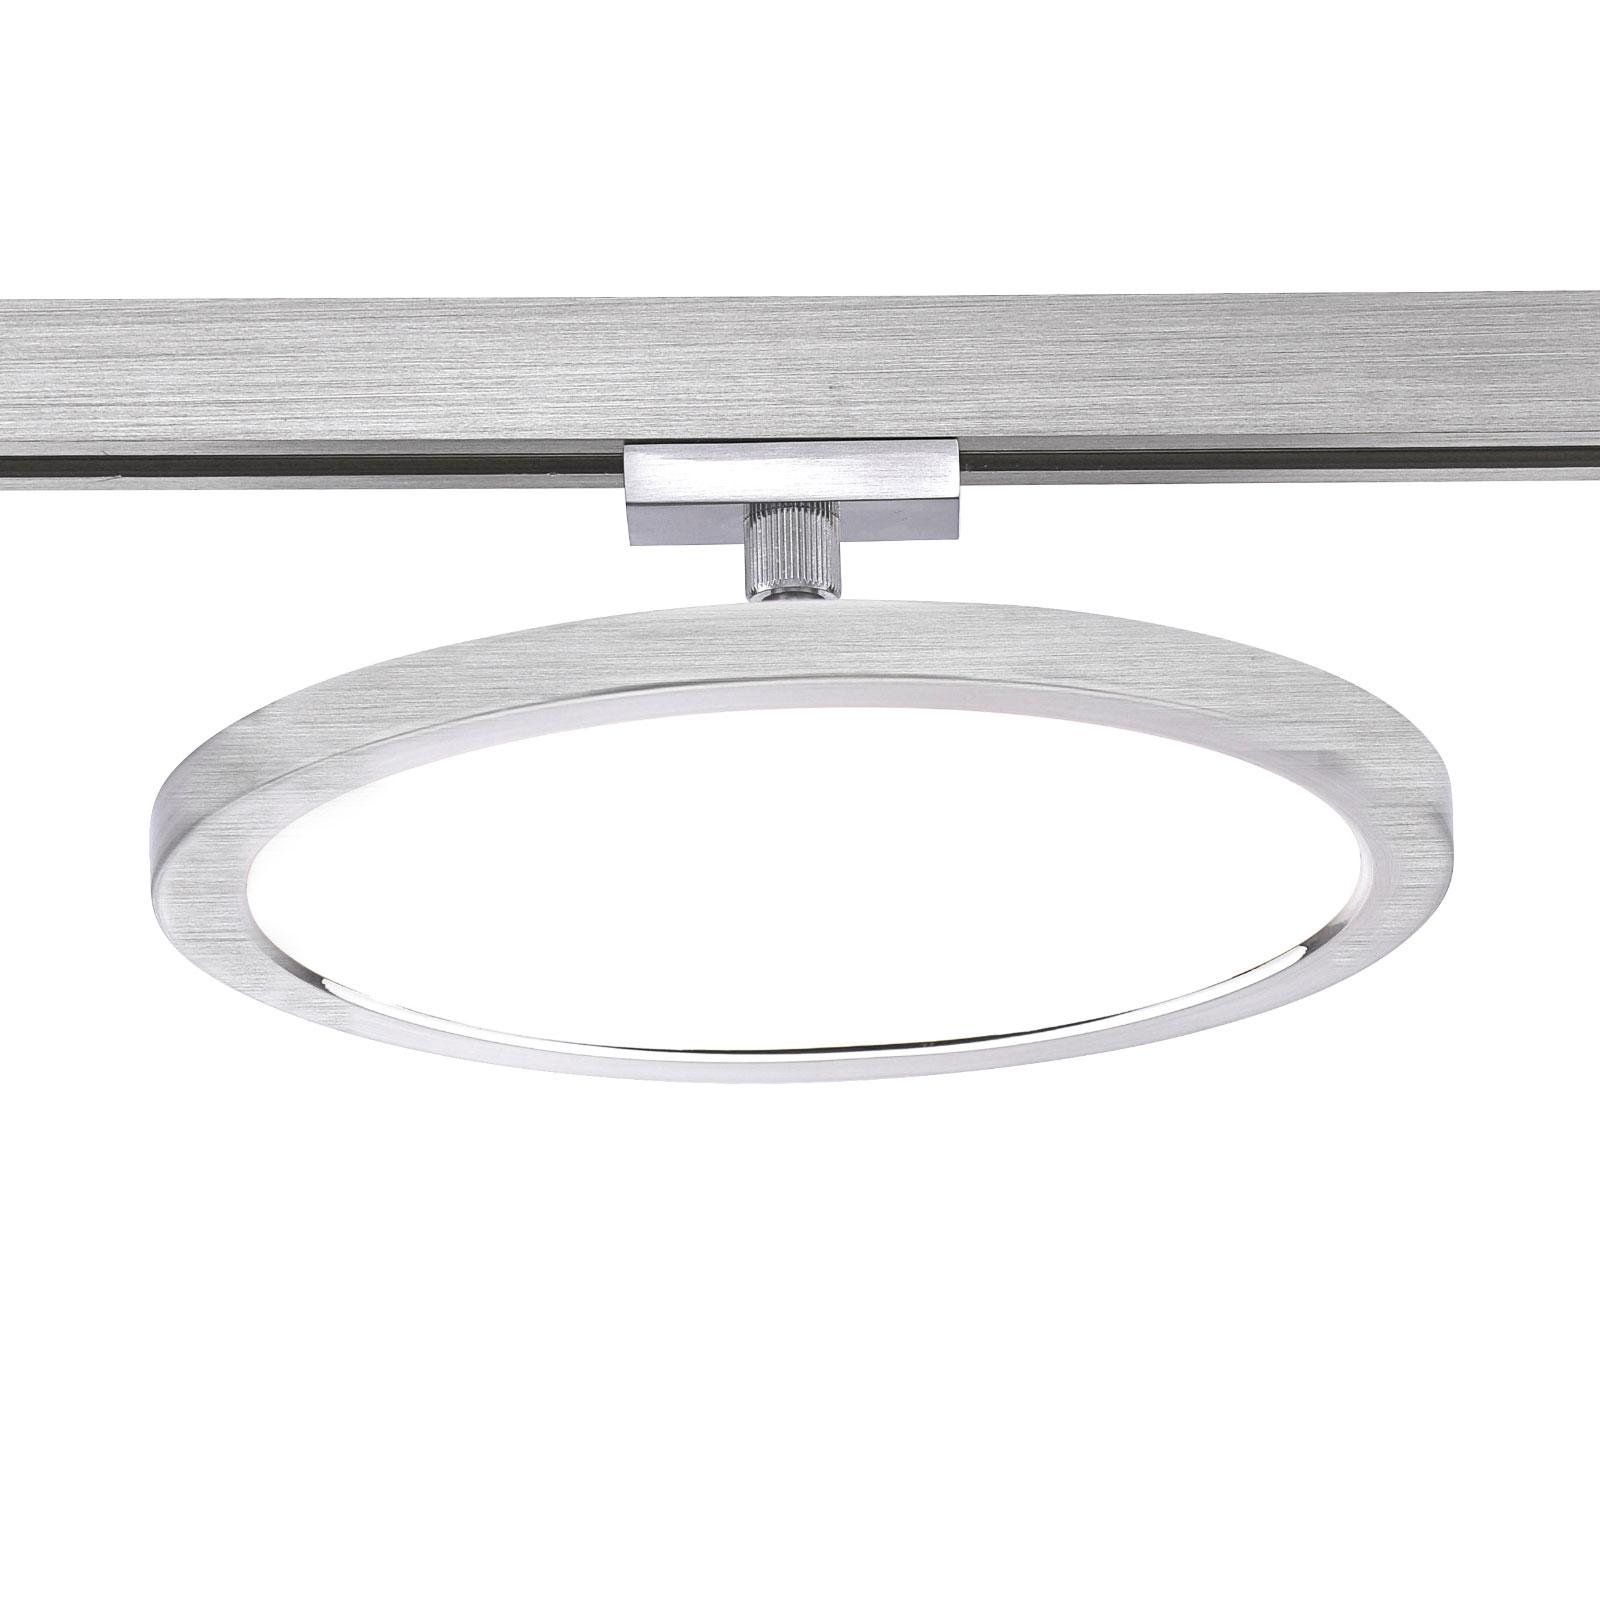 LED-lampe 70018 til HV-Track 4, Ø 20cm, 10W 790 lm